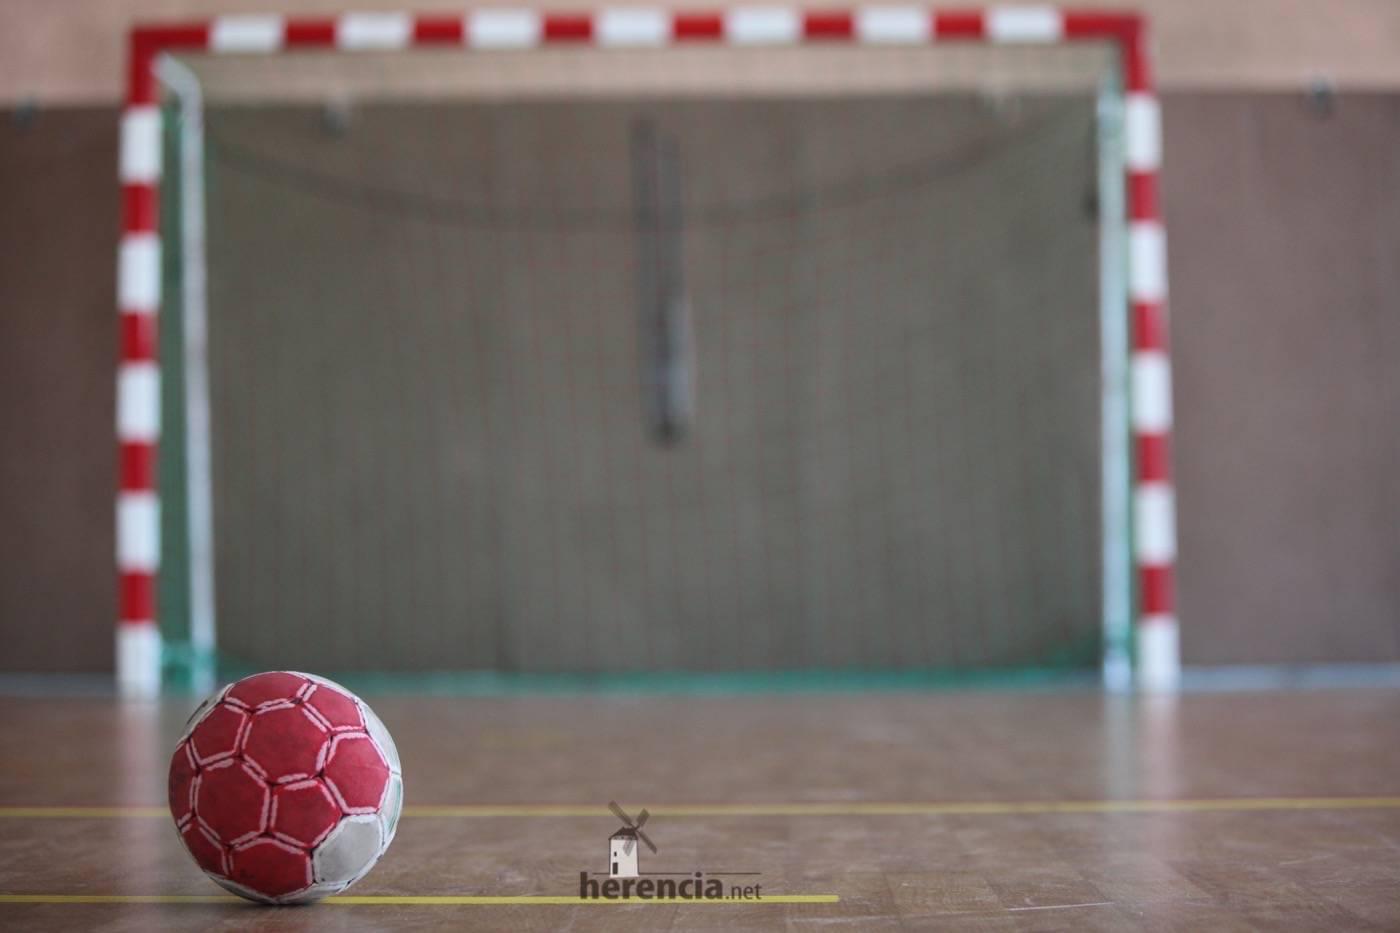 balonmano porteria y balon - El campeón de liga no da opción al balonmano Herencia